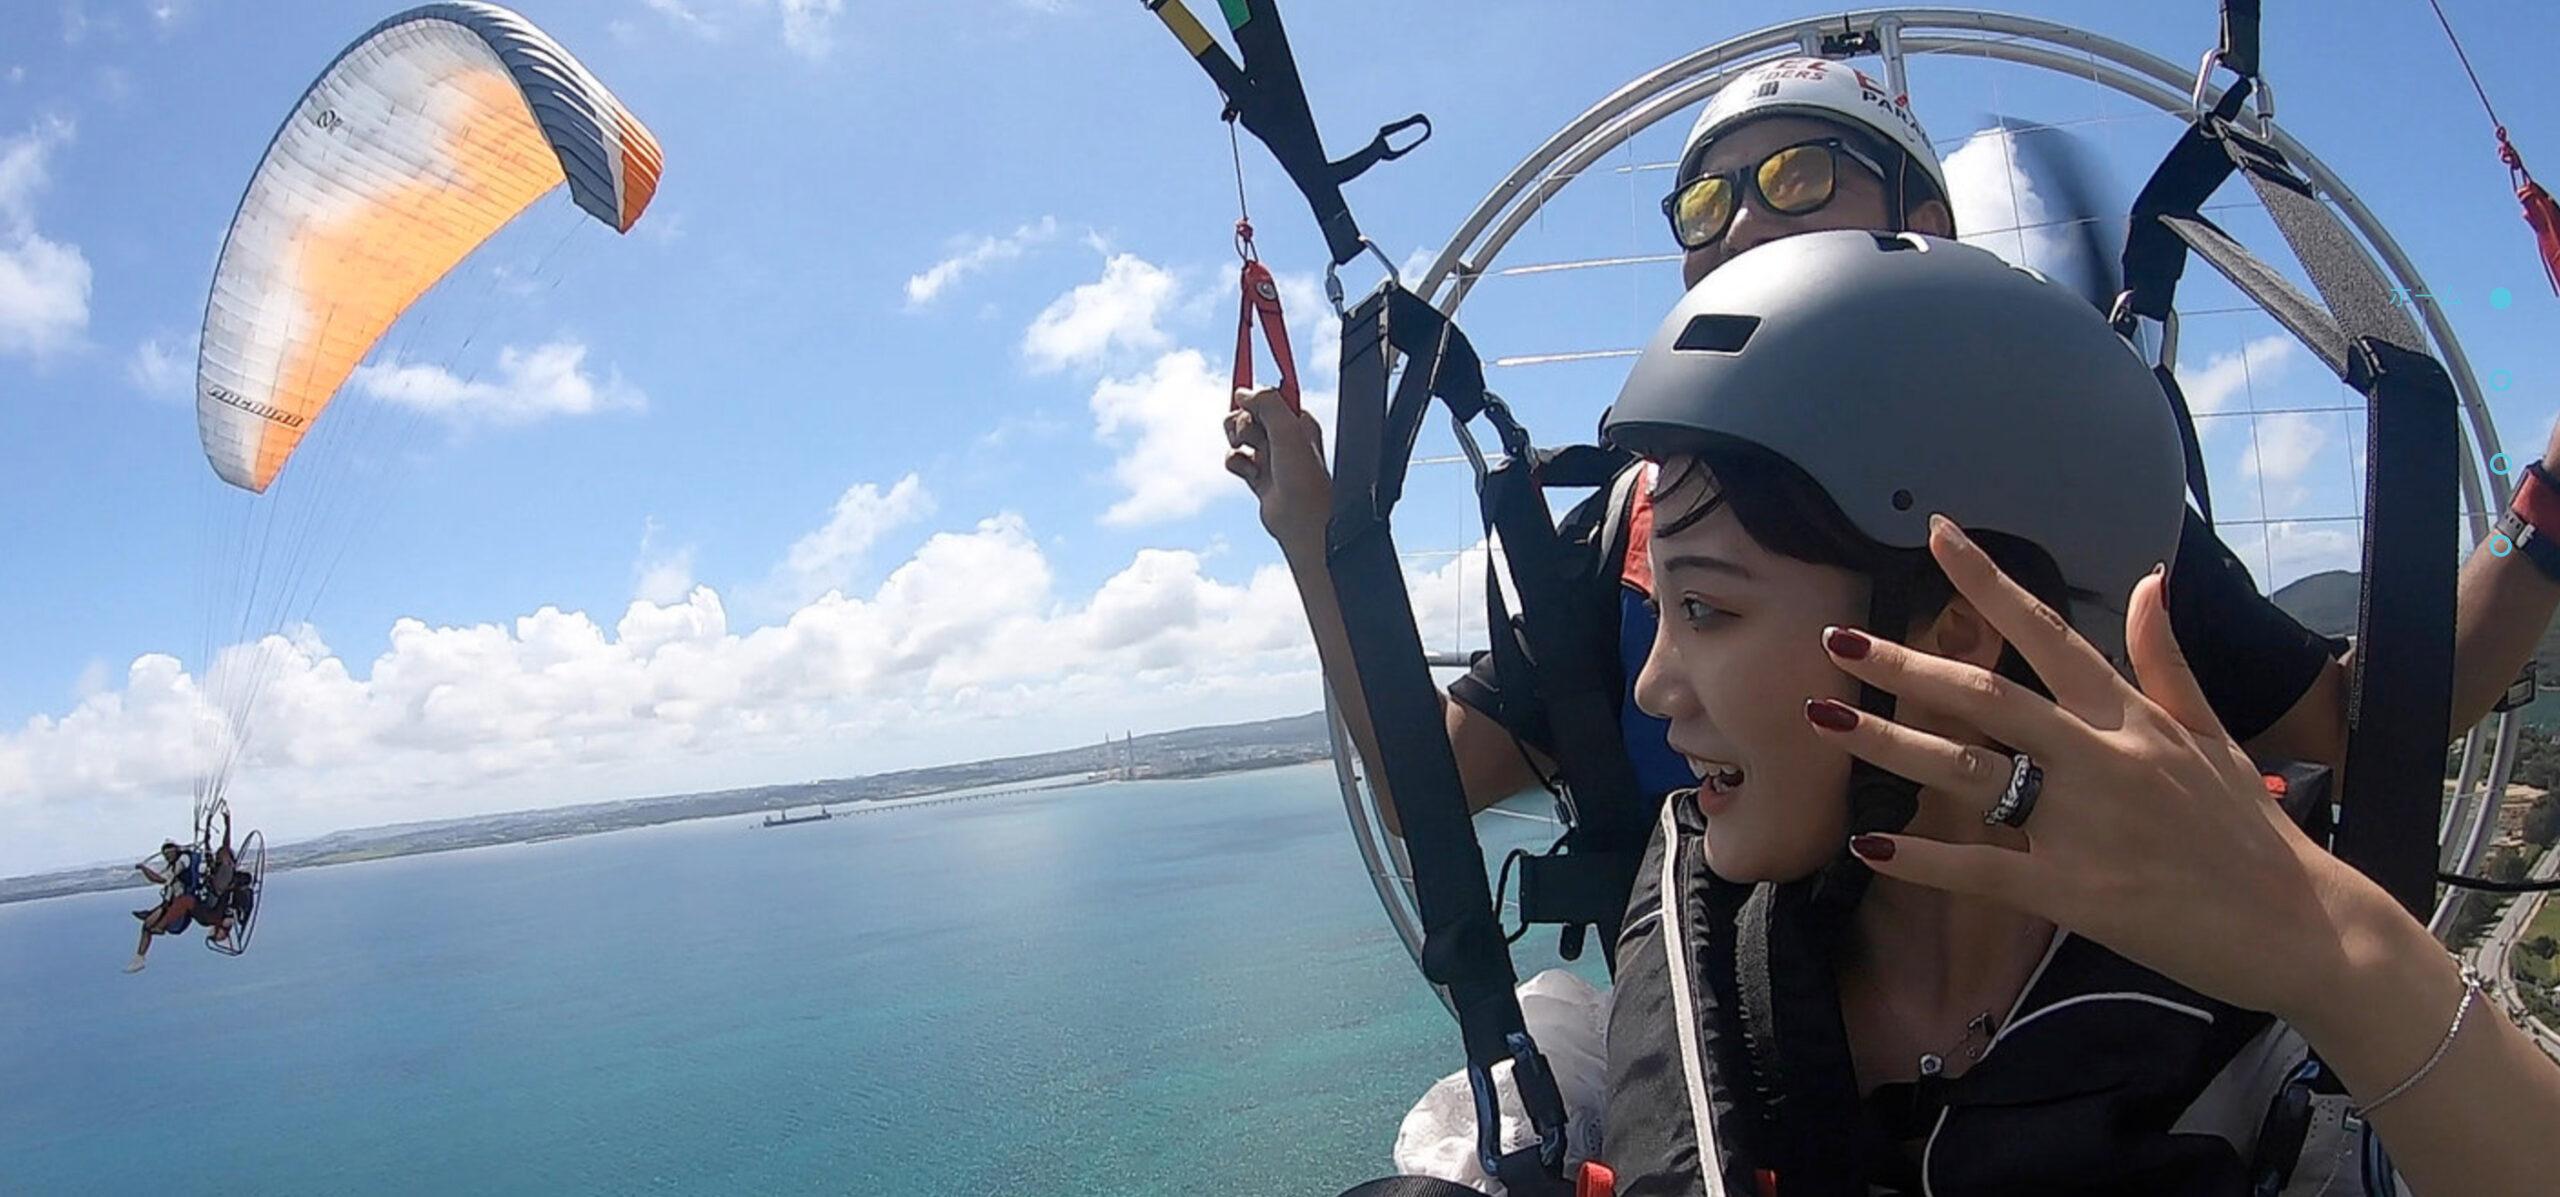 【南城市】上空200mからの絶景!モーターパラグライダー体験(No.11)